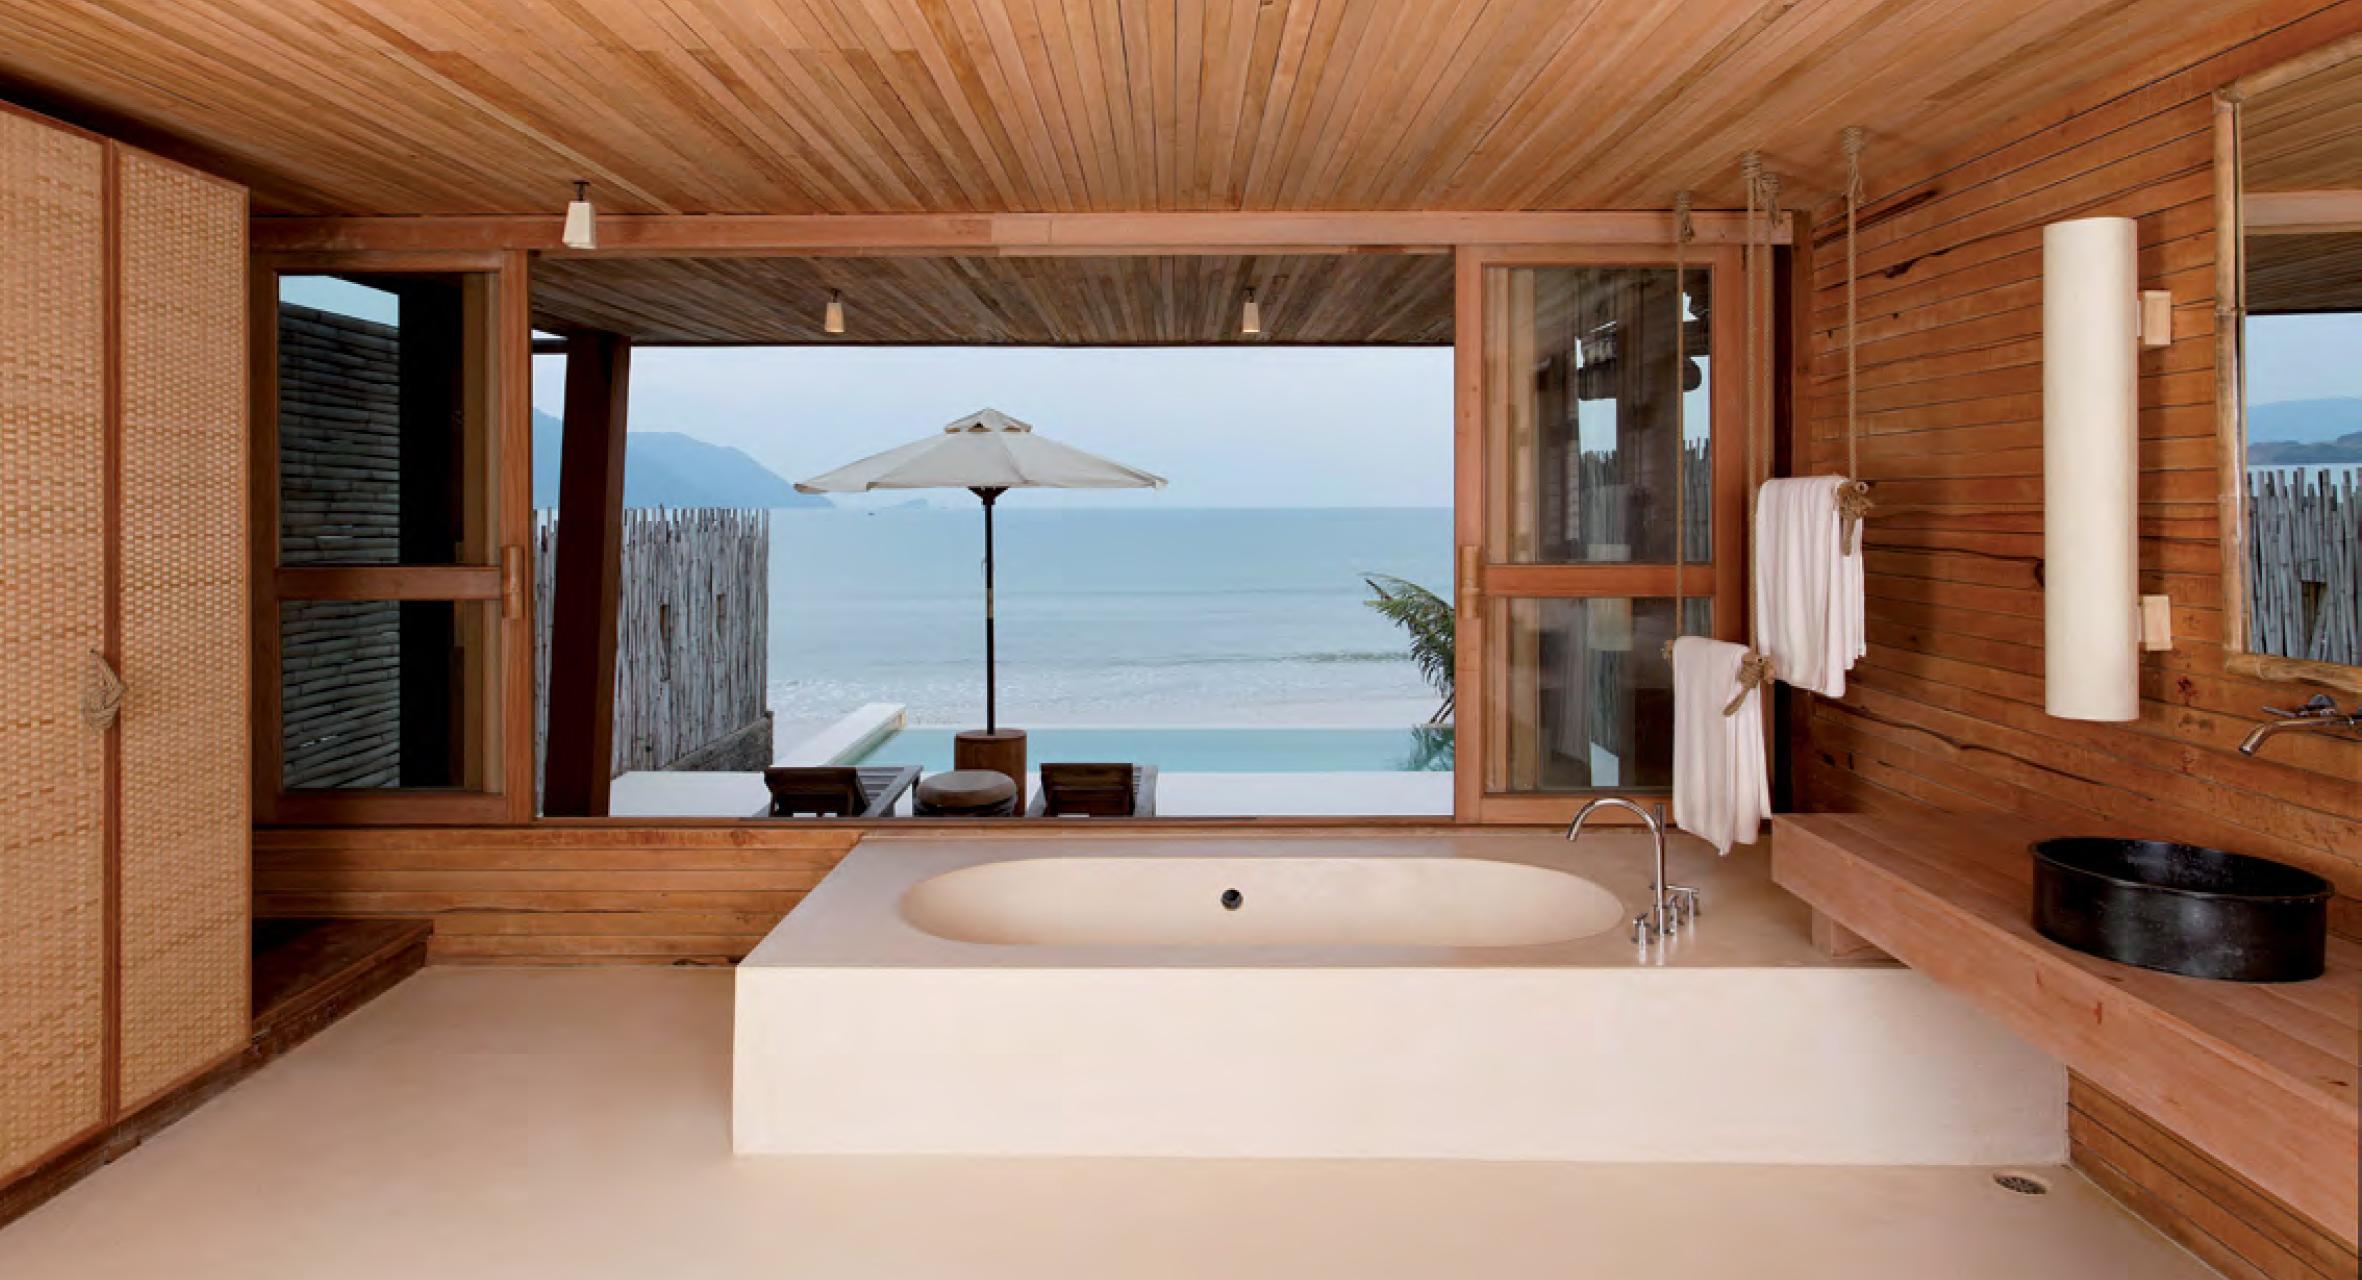 Salle de bain des villas en bois avec vue sur la mer